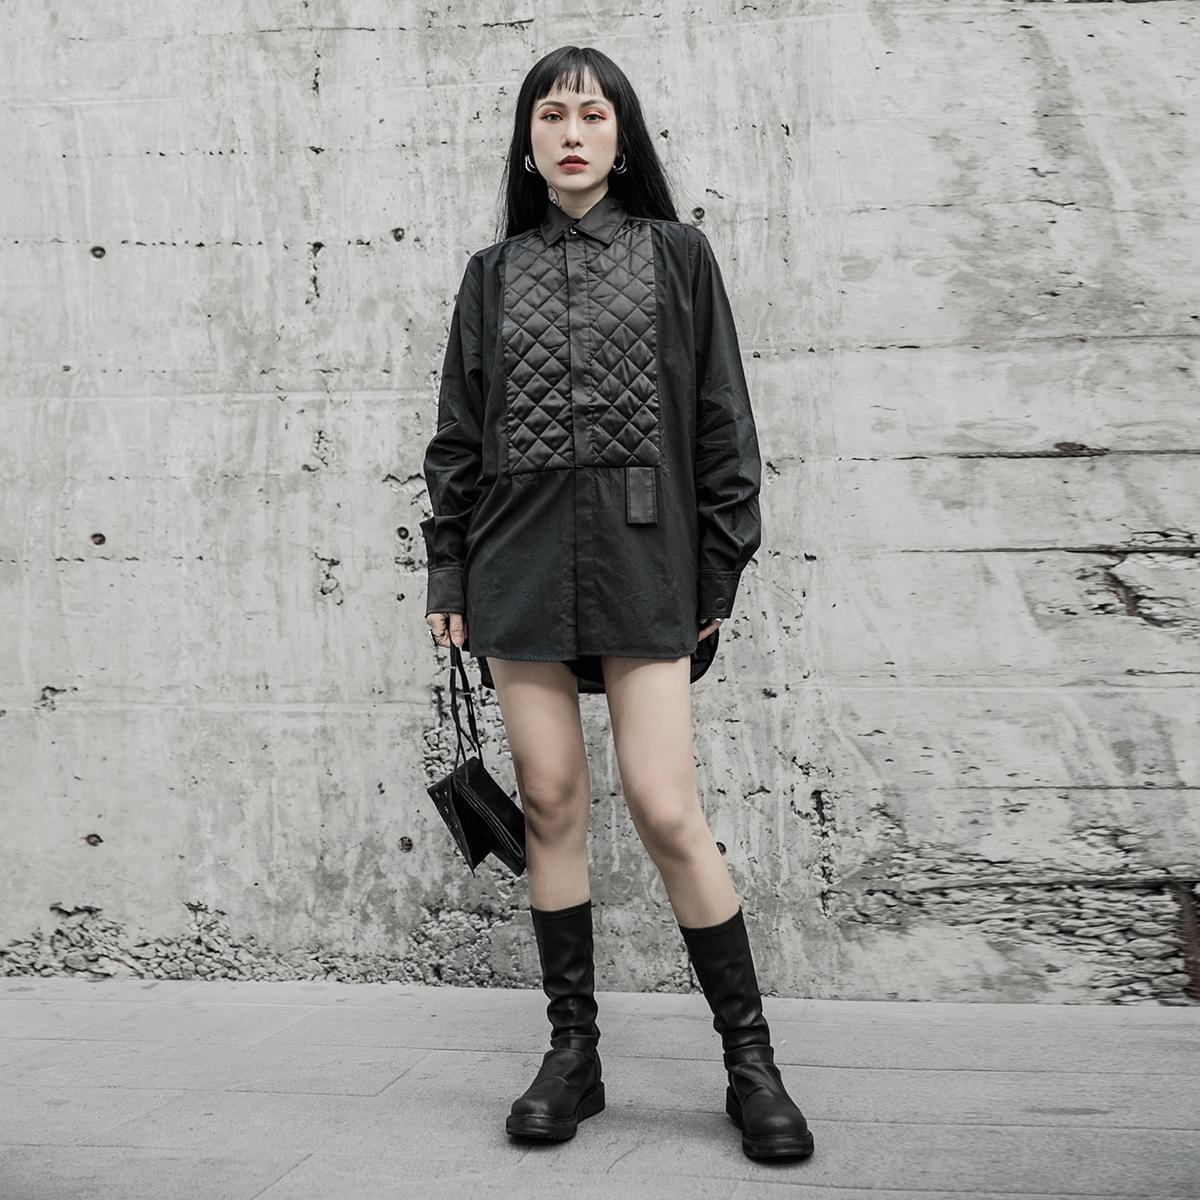 女士长款衬衫 SIMPLE BLACK 2021春秋暗黑风薄棉衬衣女 宽松中长款长袖休闲衬衫_推荐淘宝好看的女长款衬衫